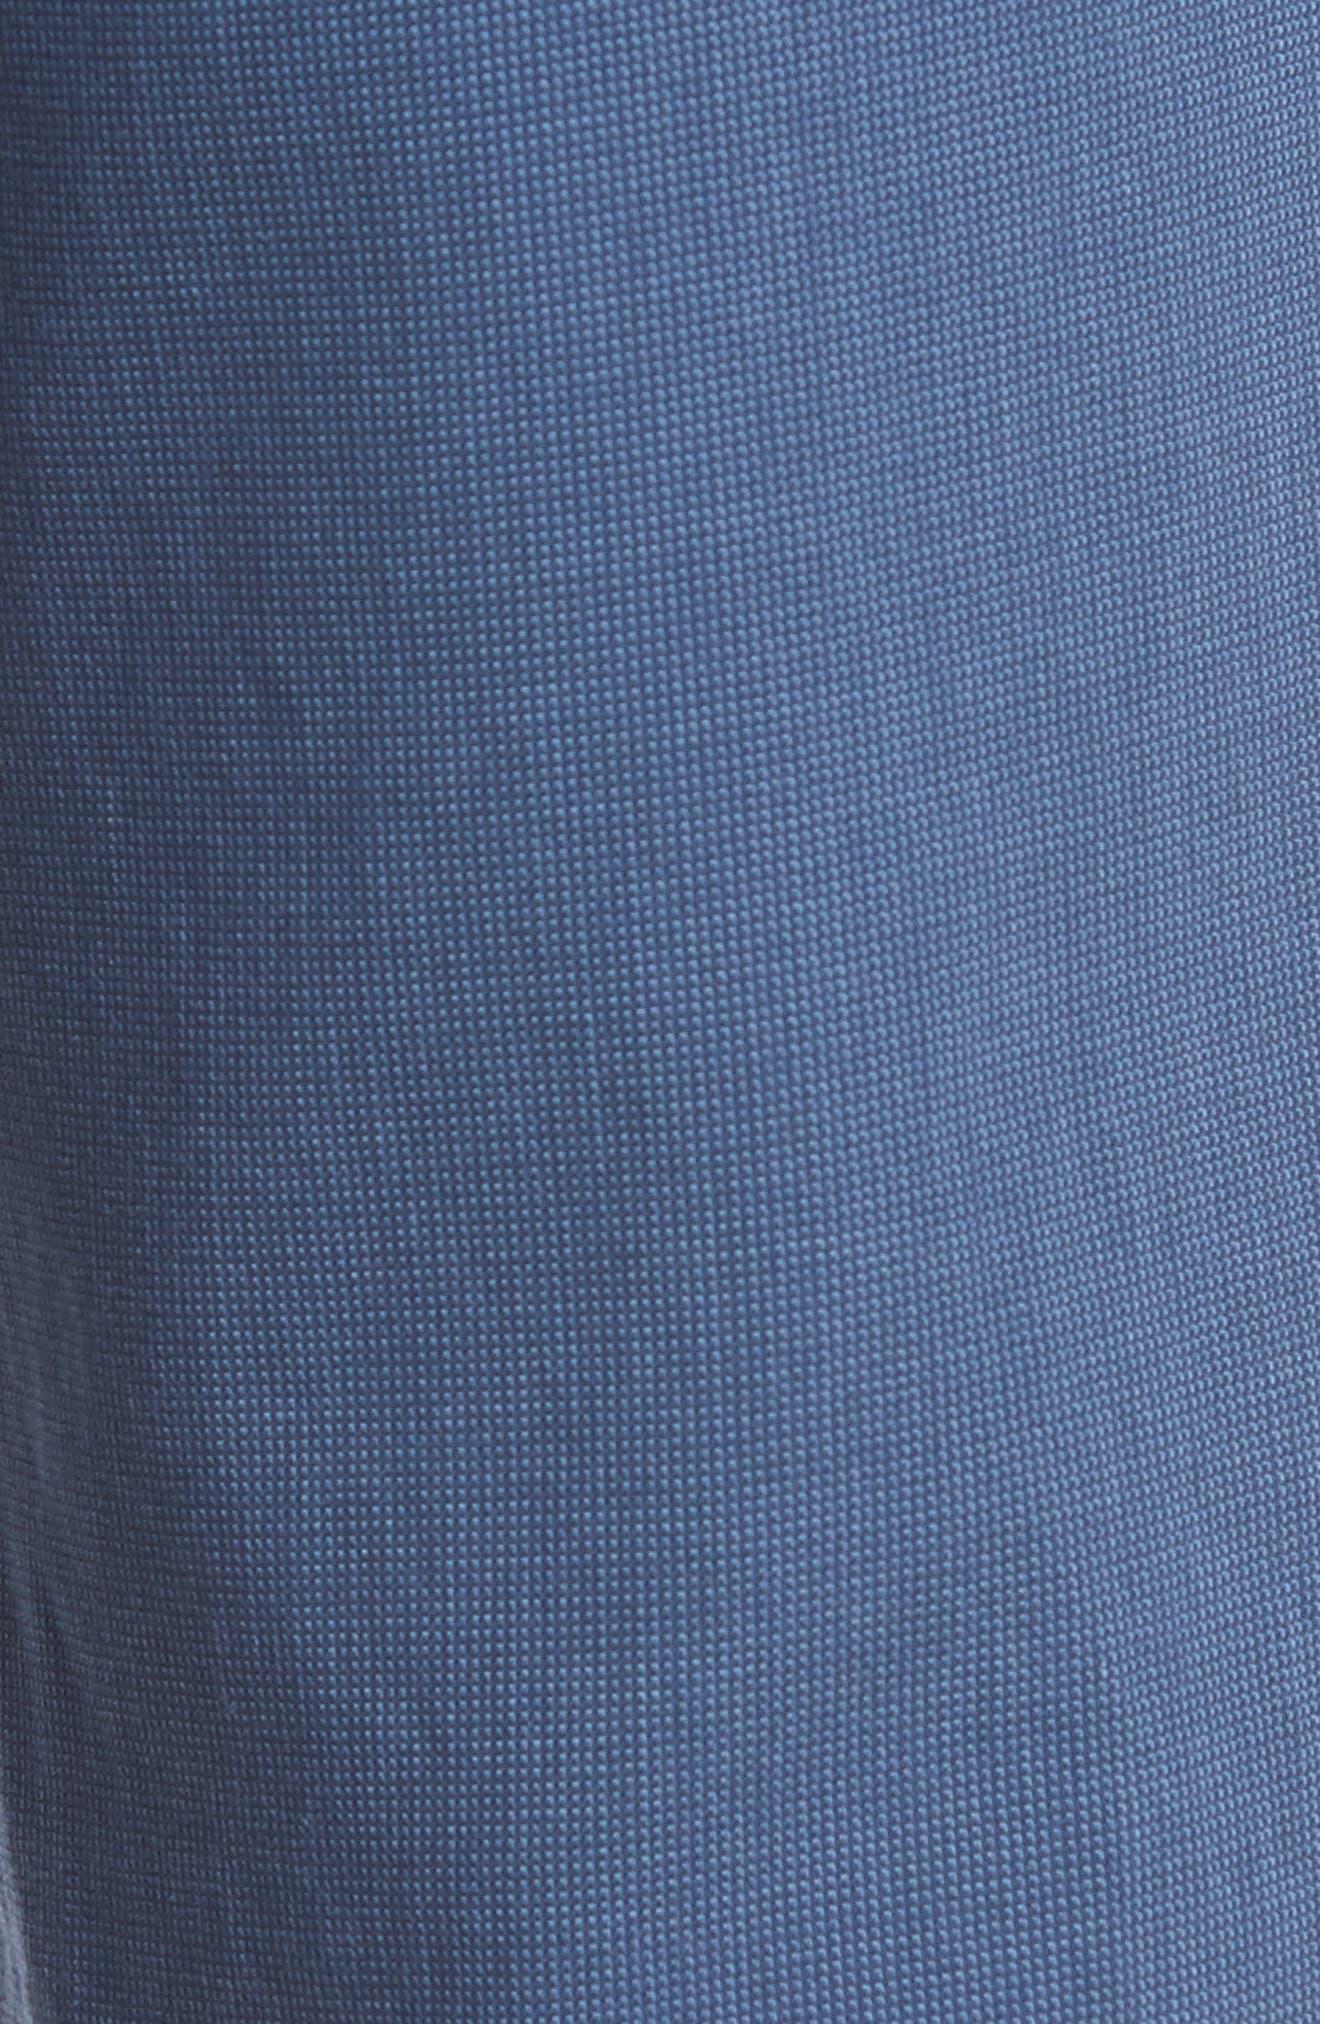 Sensation Stretch Trousers,                             Alternate thumbnail 5, color,                             BLUE